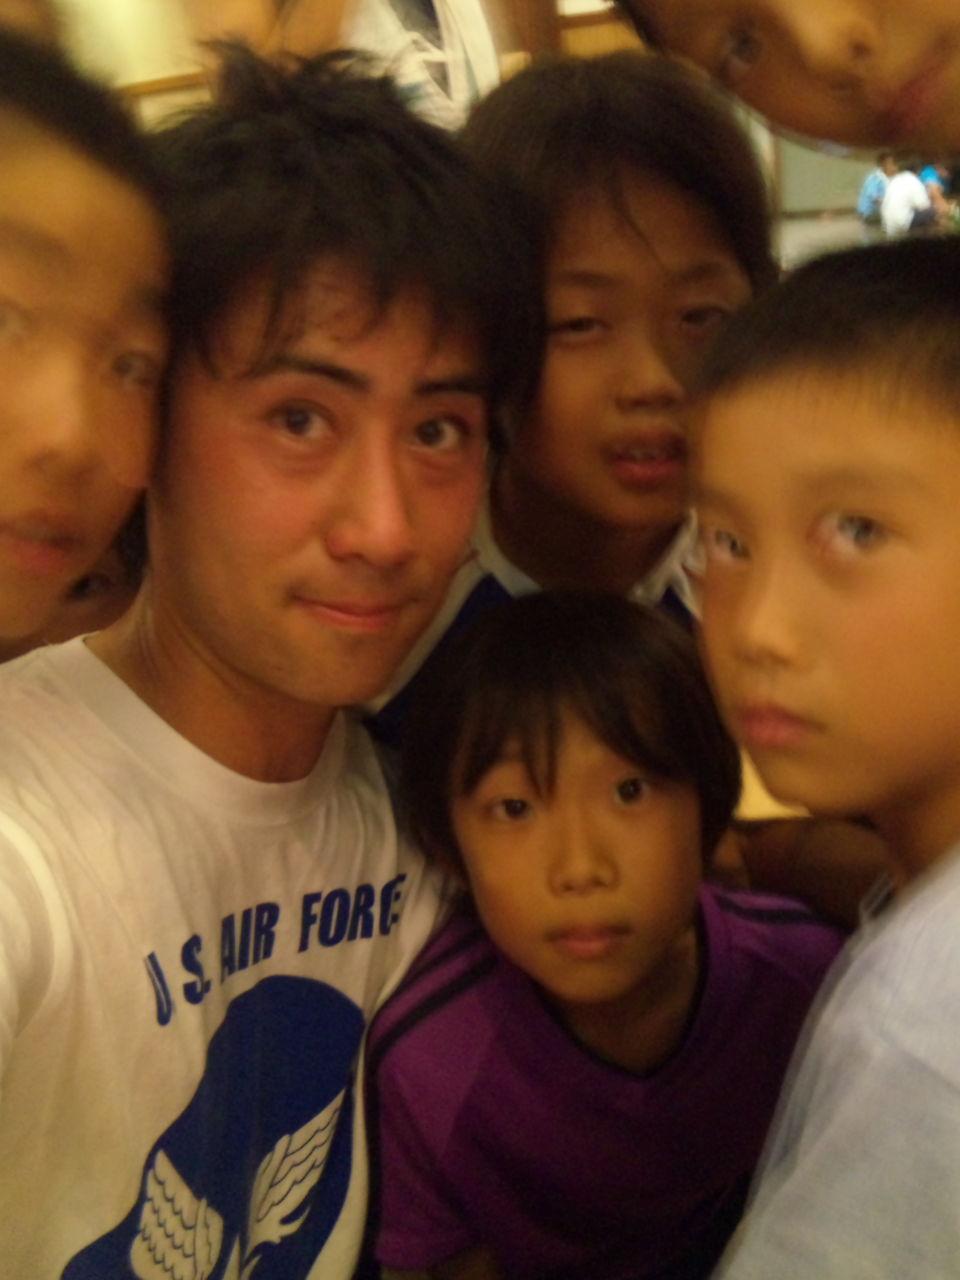 【ショタ】少年愛・ショタコン Part42 [無断転載禁止]©2ch.netYouTube動画>21本 ->画像>212枚